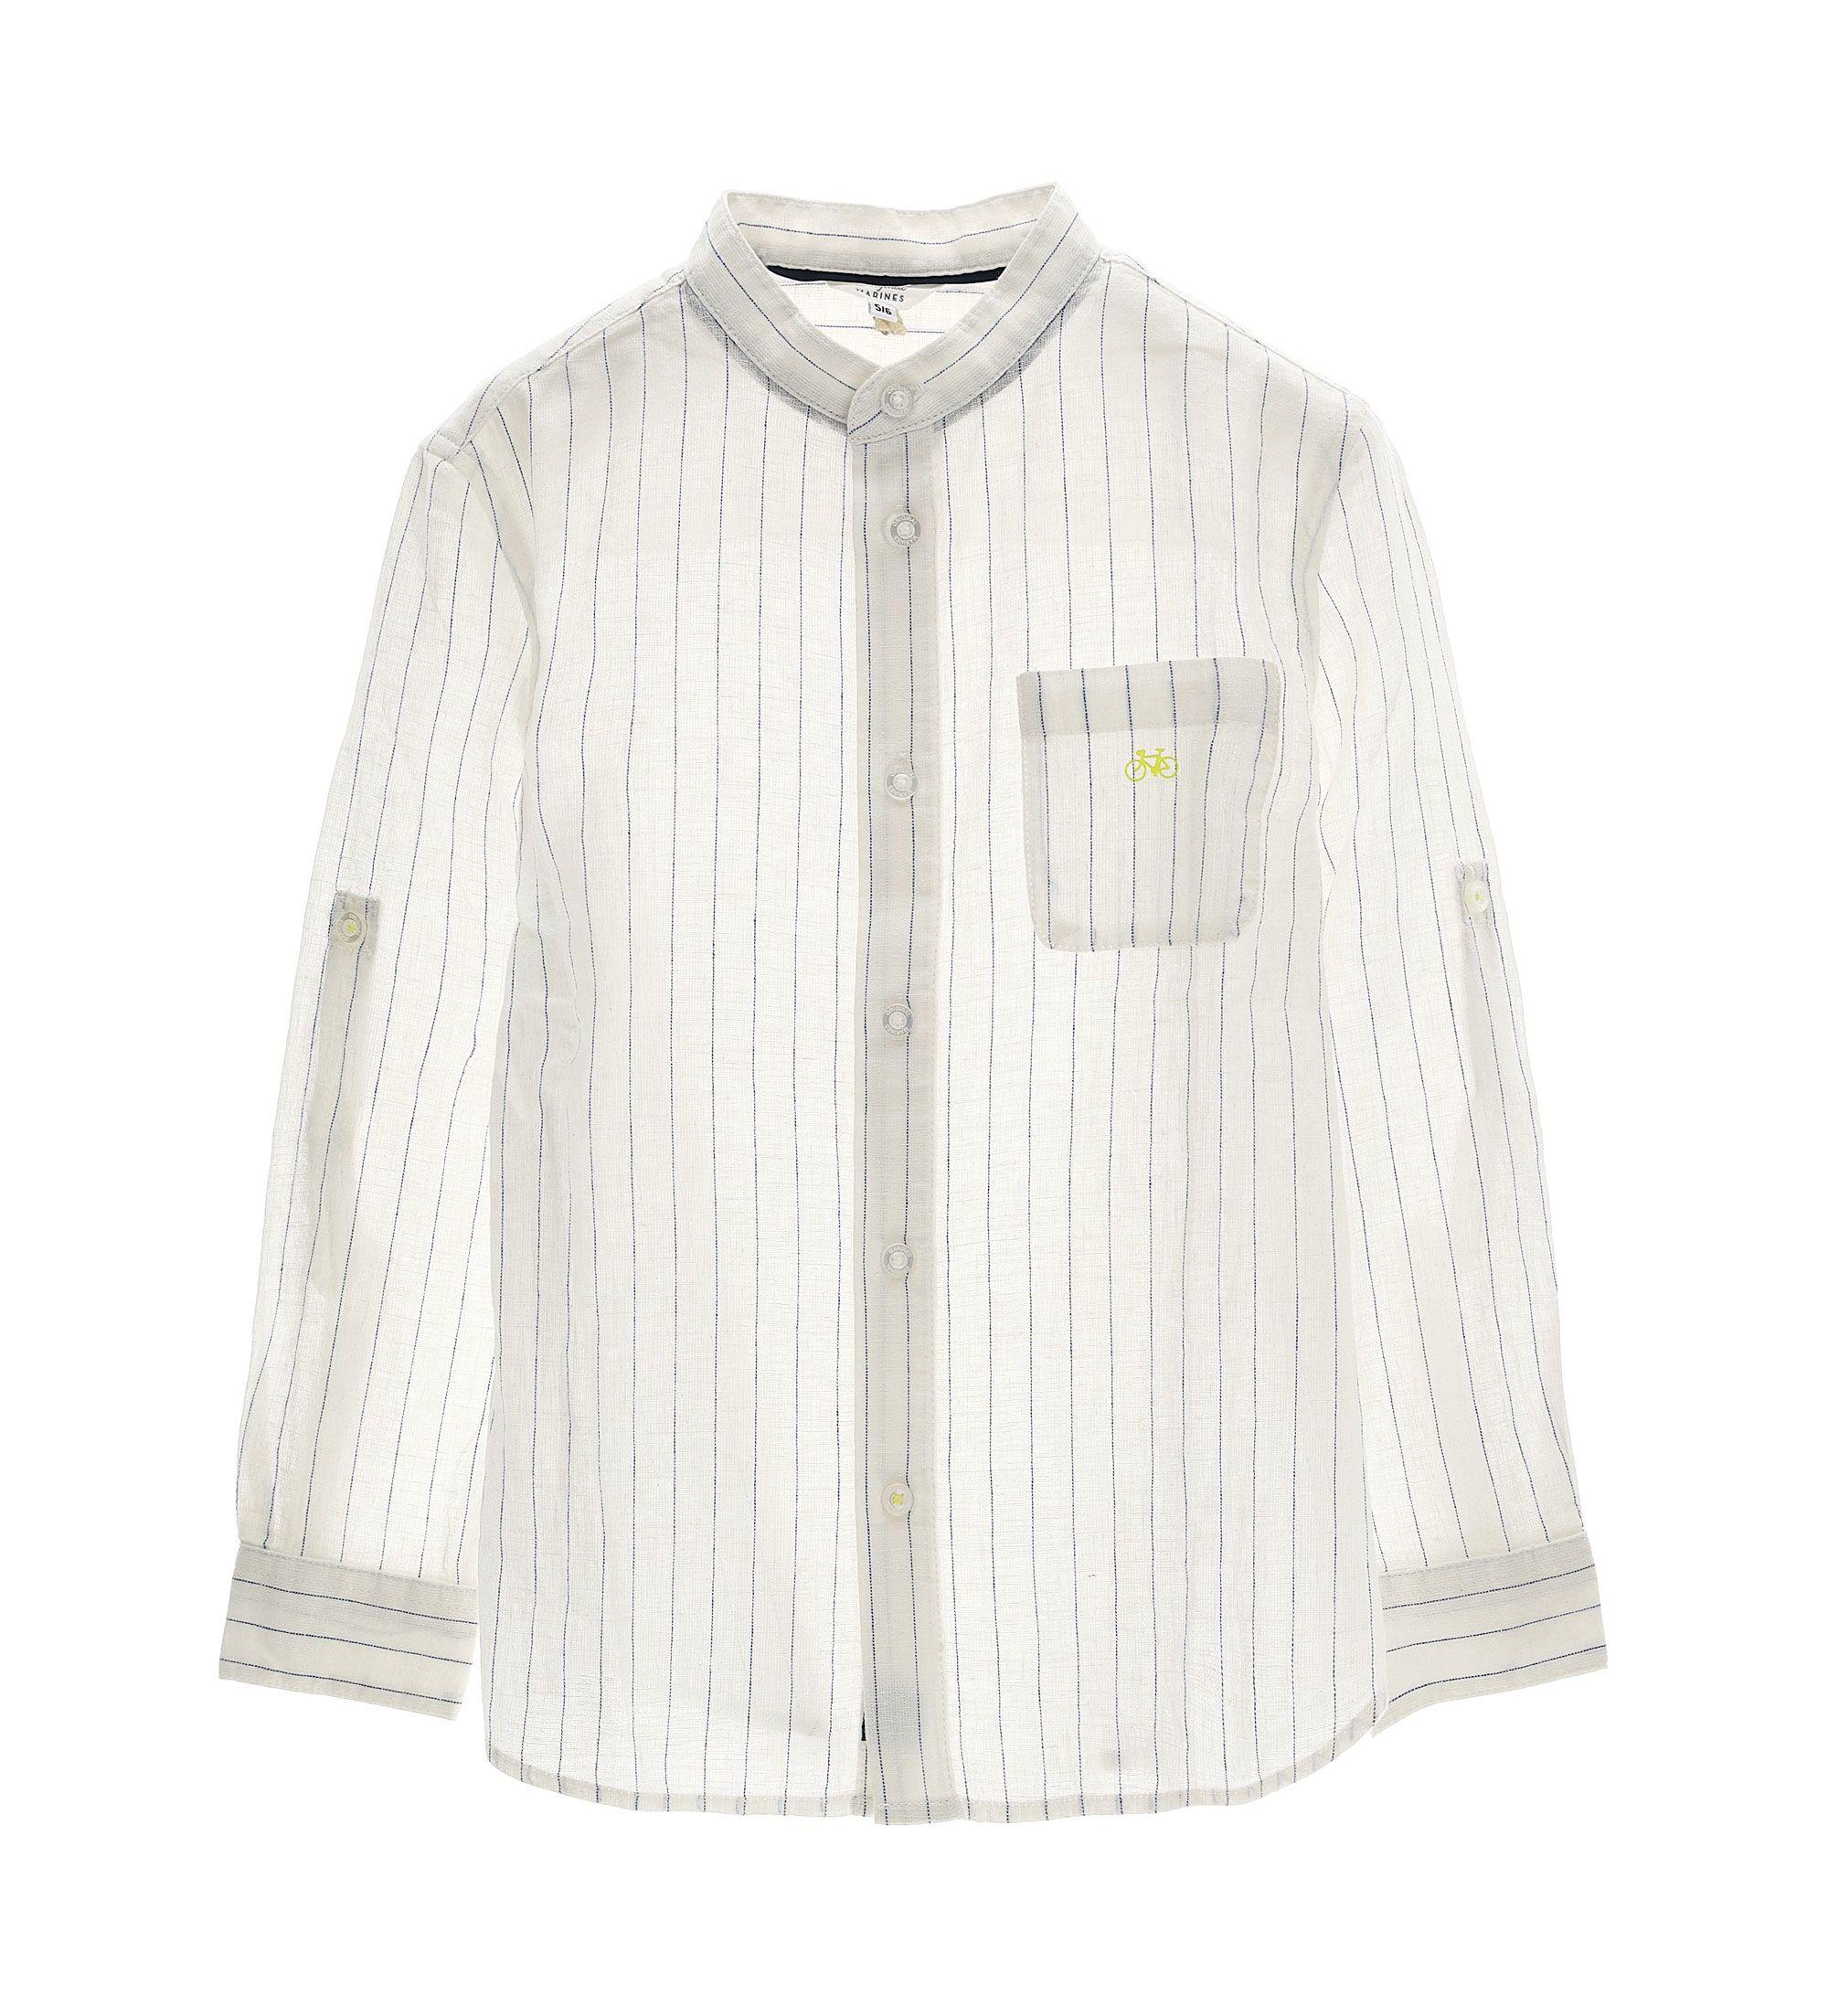 Купить Рубашка с длинным рукавом Original Marines, белый, 116, Мальчики, весна